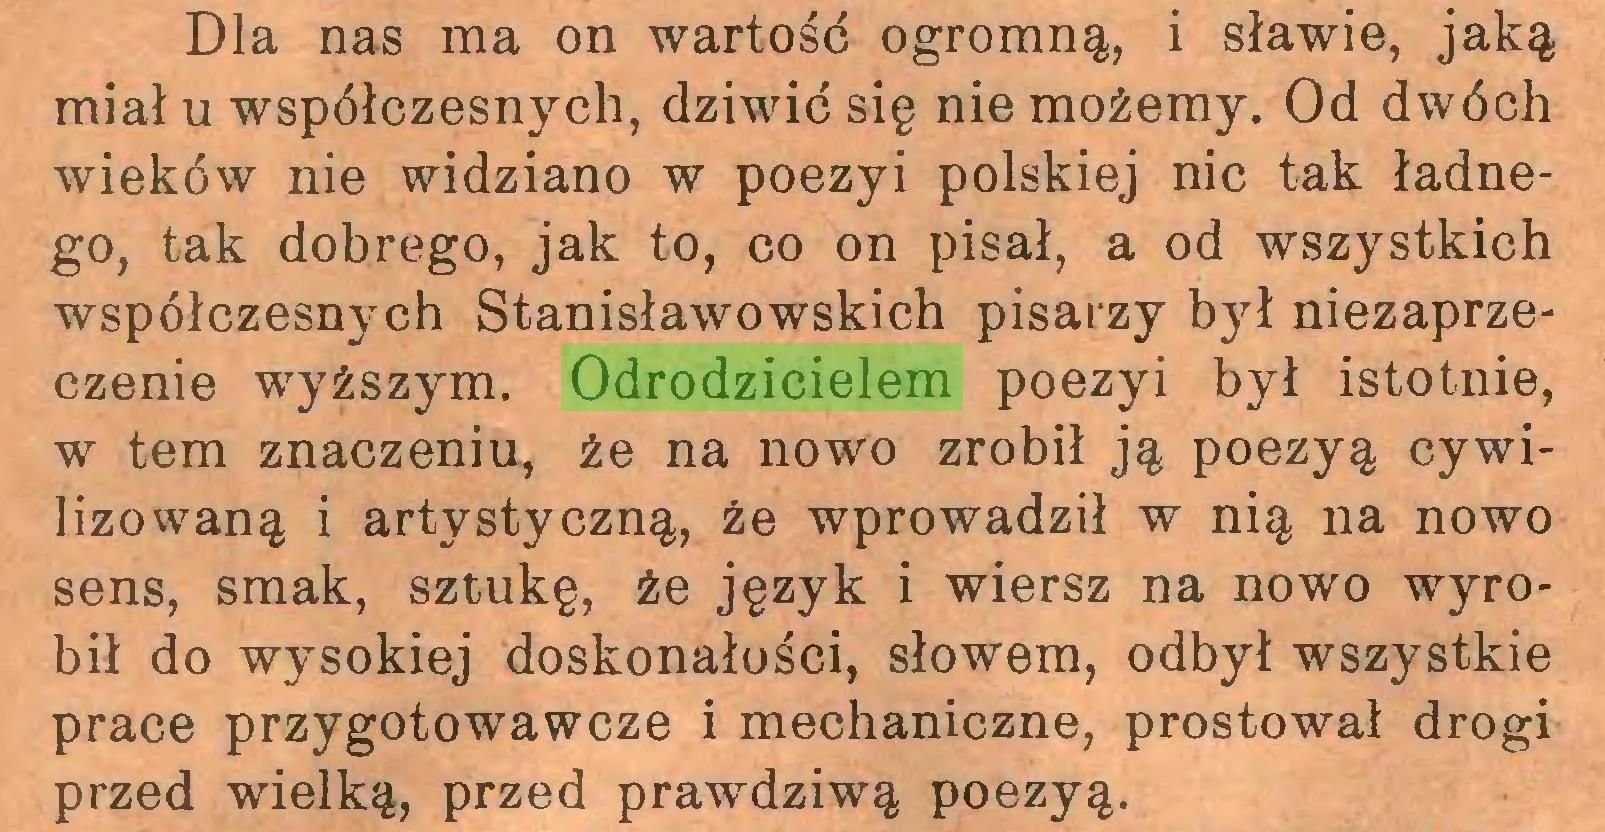 (...) Dla nas ma on wartośd ogromną, i sławie, jaką miał u współczesnych, dziwić się nie możemy. Od dwóch wieków nie widziano w poezyi polskiej nic tak ładnego, tak dobrego, jak to, co on pisał, a od wszystkich współczesnych Stanisławowskich pisarzy był niezaprzeczenie wyższym. Odrodzicielem poezyi był istotnie, w tern znaczeniu, że na nowo zrobił ją poezyą cywilizowaną i artystyczną, że wprowadził w nią na nowo sens, smak, sztukę, że język i wiersz na nowo wyrobił do wysokiej doskonałości, słowem, odbył wszystkie prace przygotowawcze i mechaniczne, prostował drogi przed wielką, przed prawdziwą poezyą...